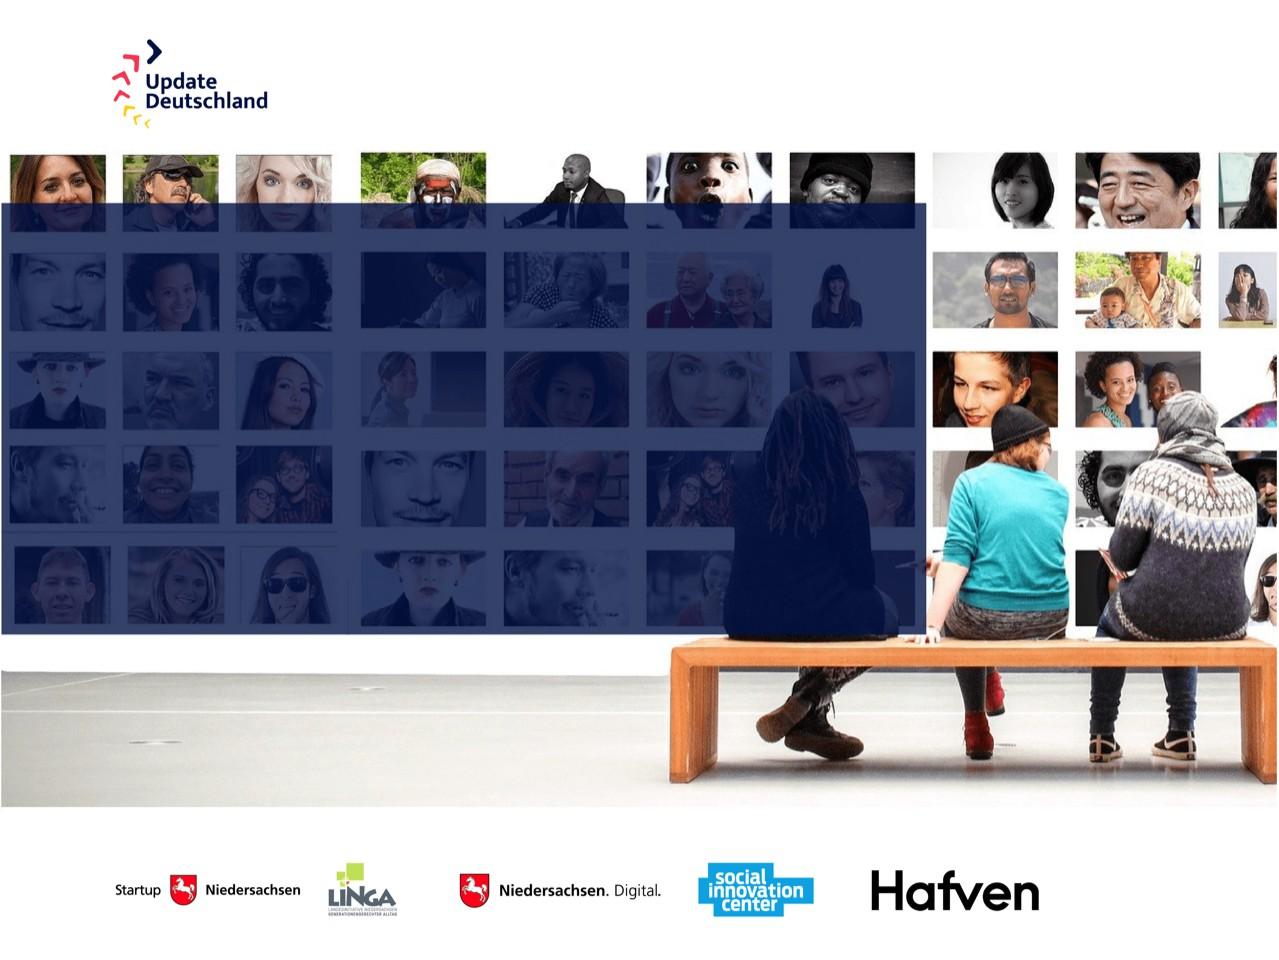 Drei Menschen sitzen auf einer Bank und blicken auf eine Wand mit vielen Bildern von Menschen.